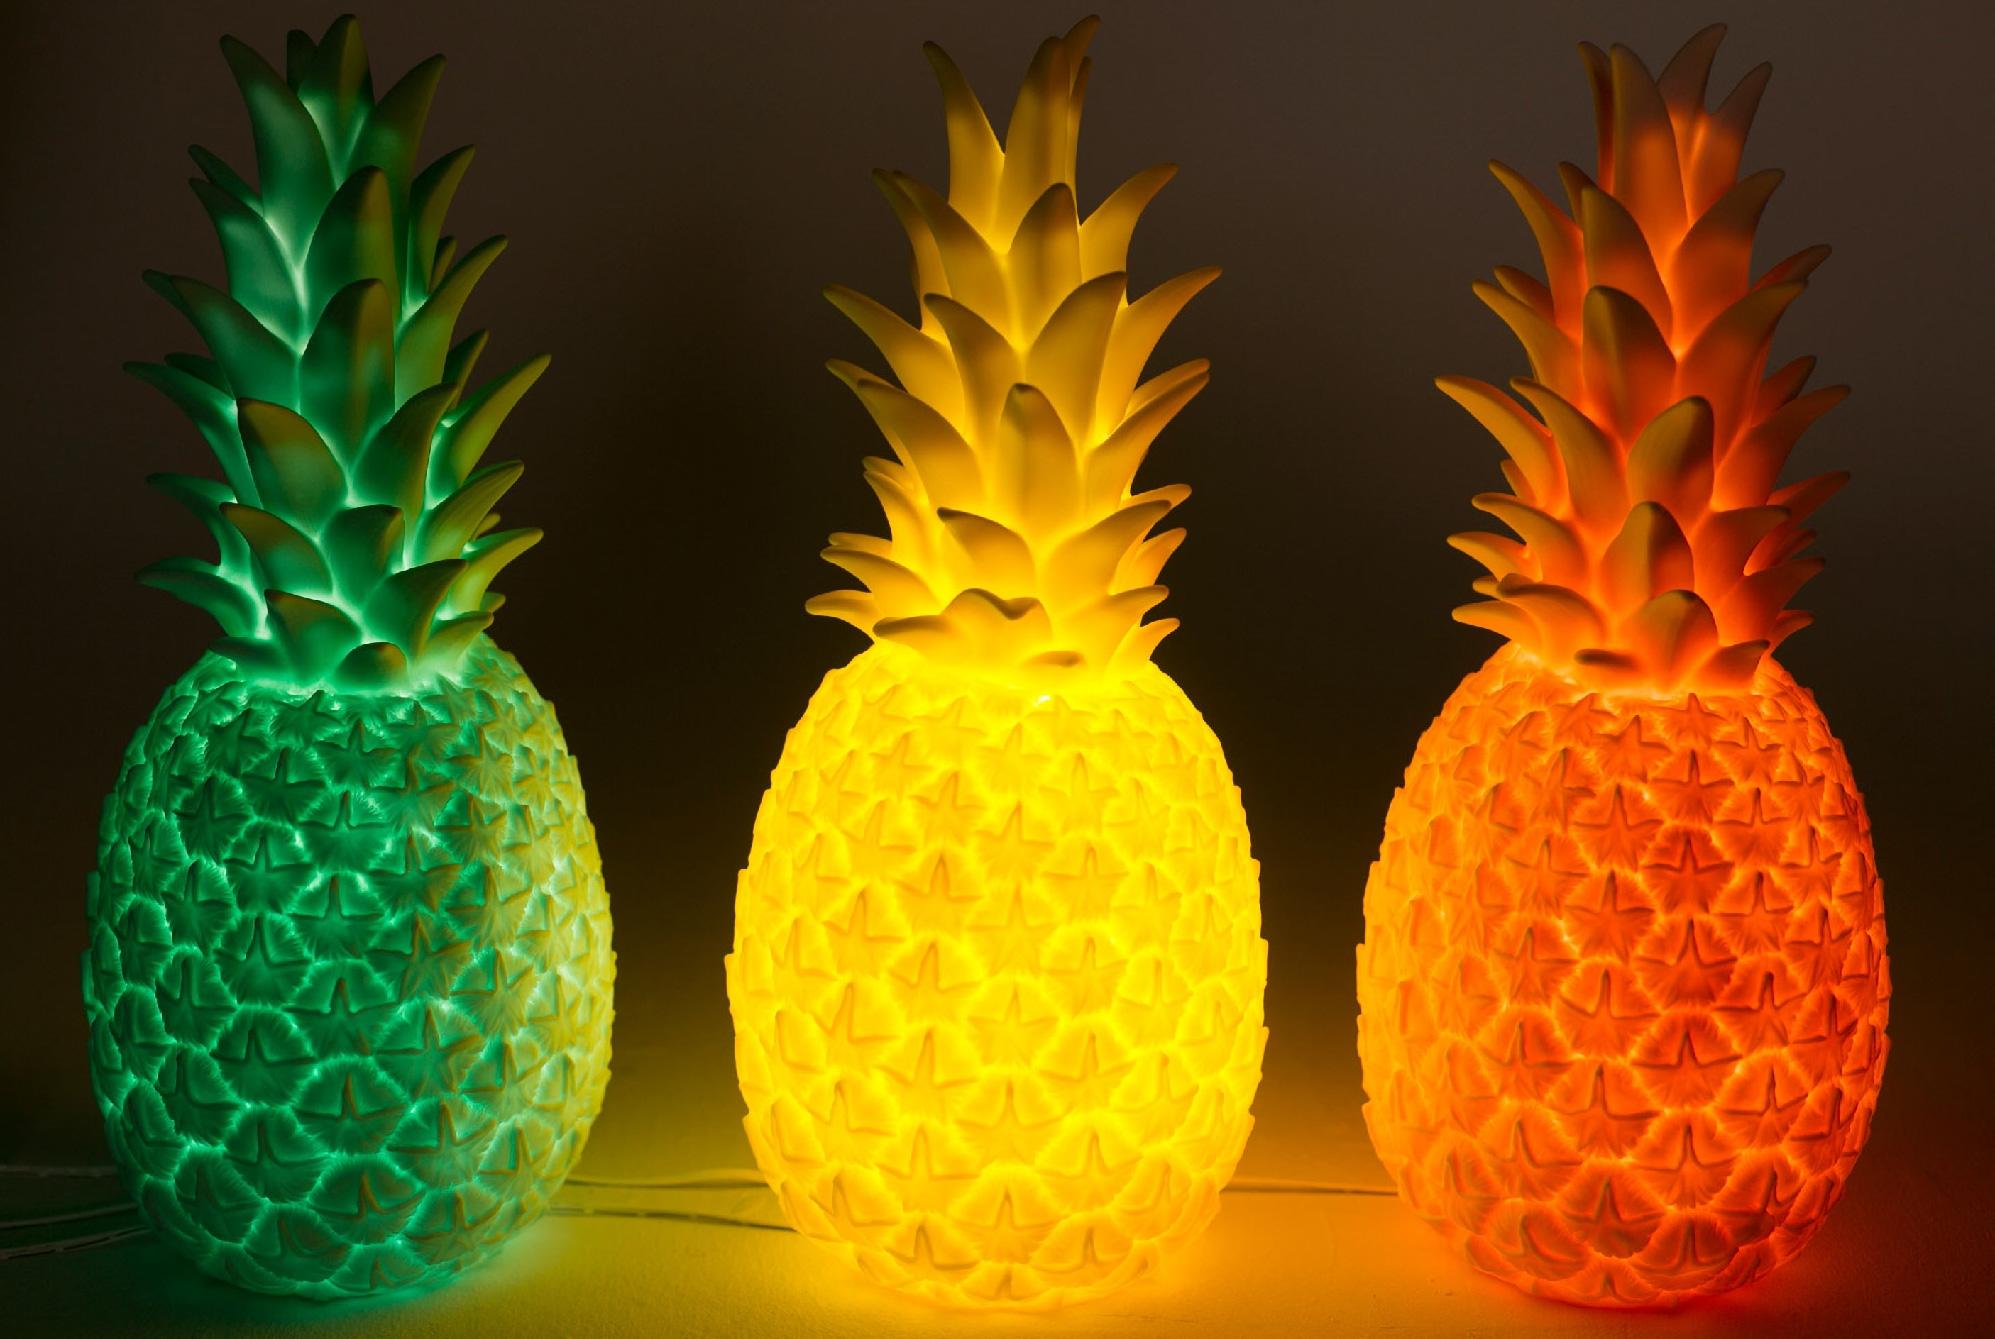 Uitpakfeestje 2016: goodnight light piña colada ananas